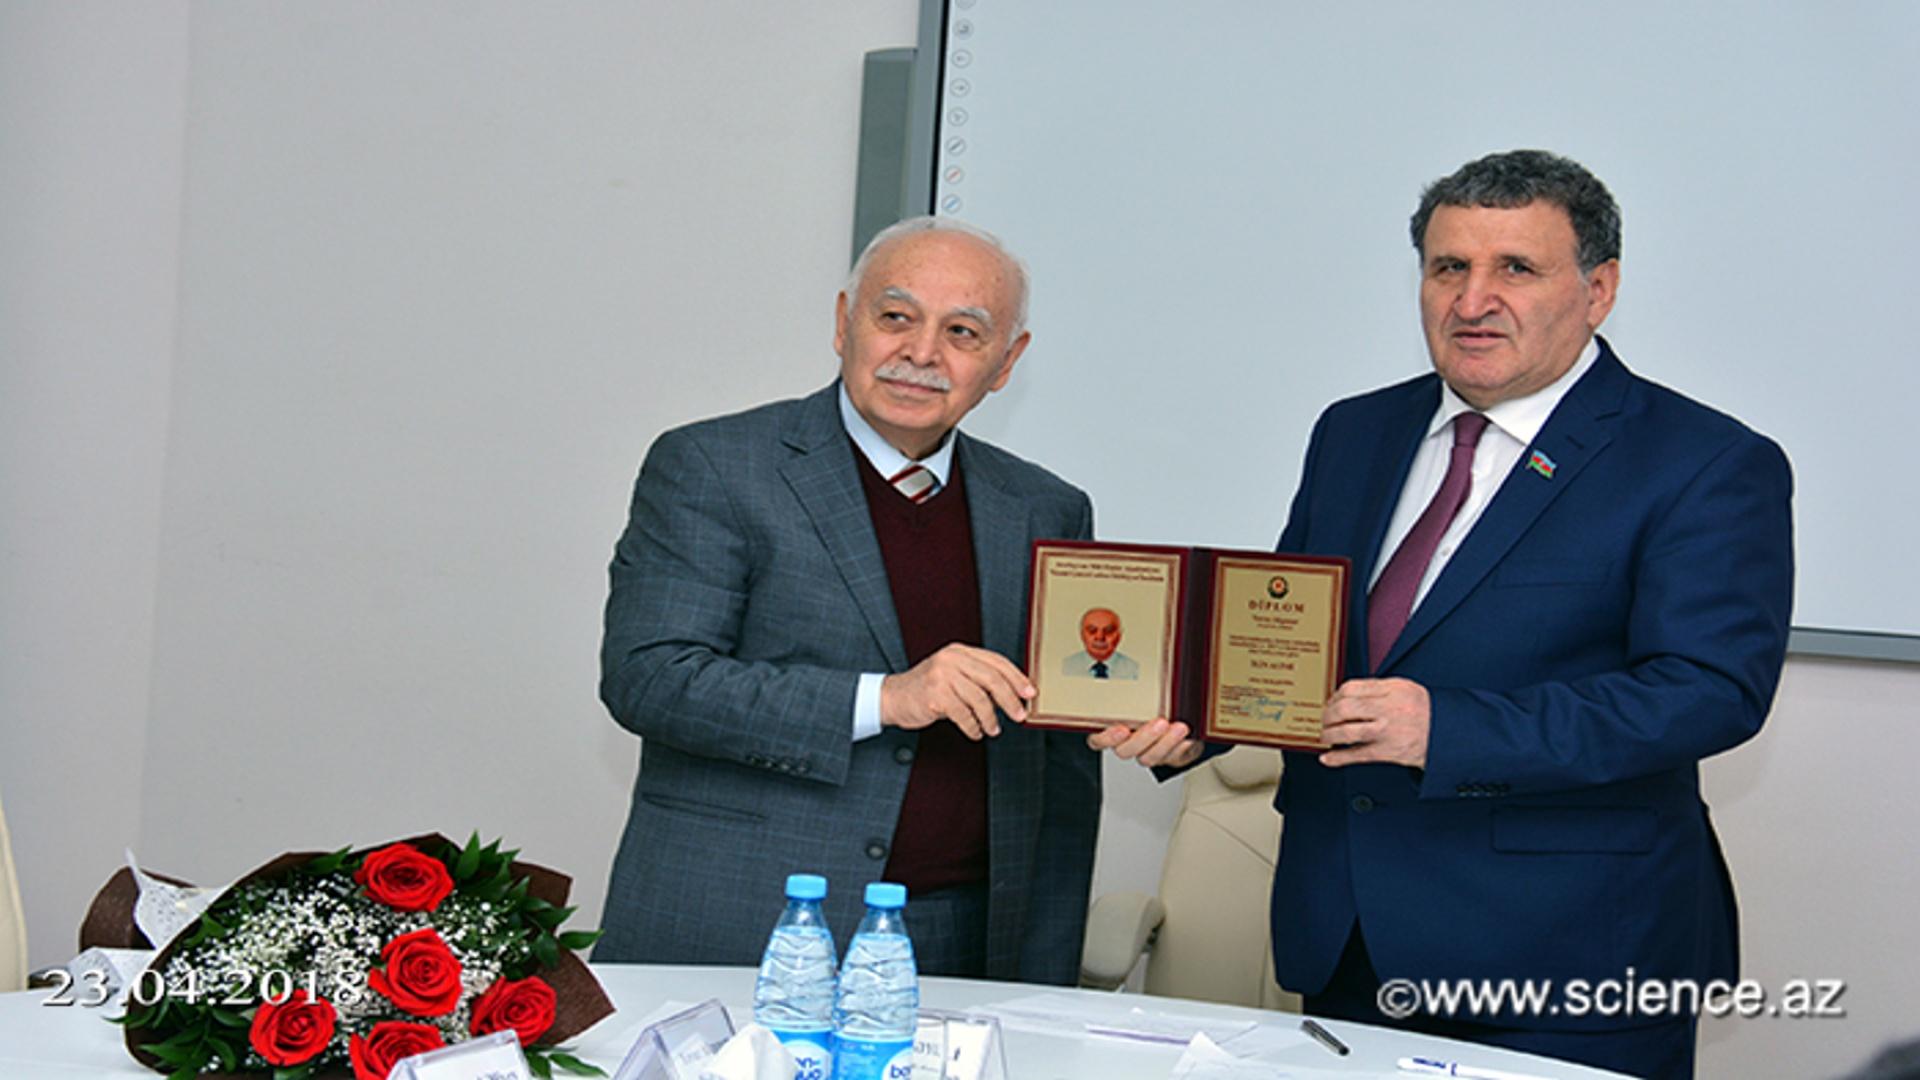 """Türkiyəli professor Yavuz Akpınara Ədəbiyyat İnstitutunun """"İlin alimi"""" mükafatı təqdim olunub"""